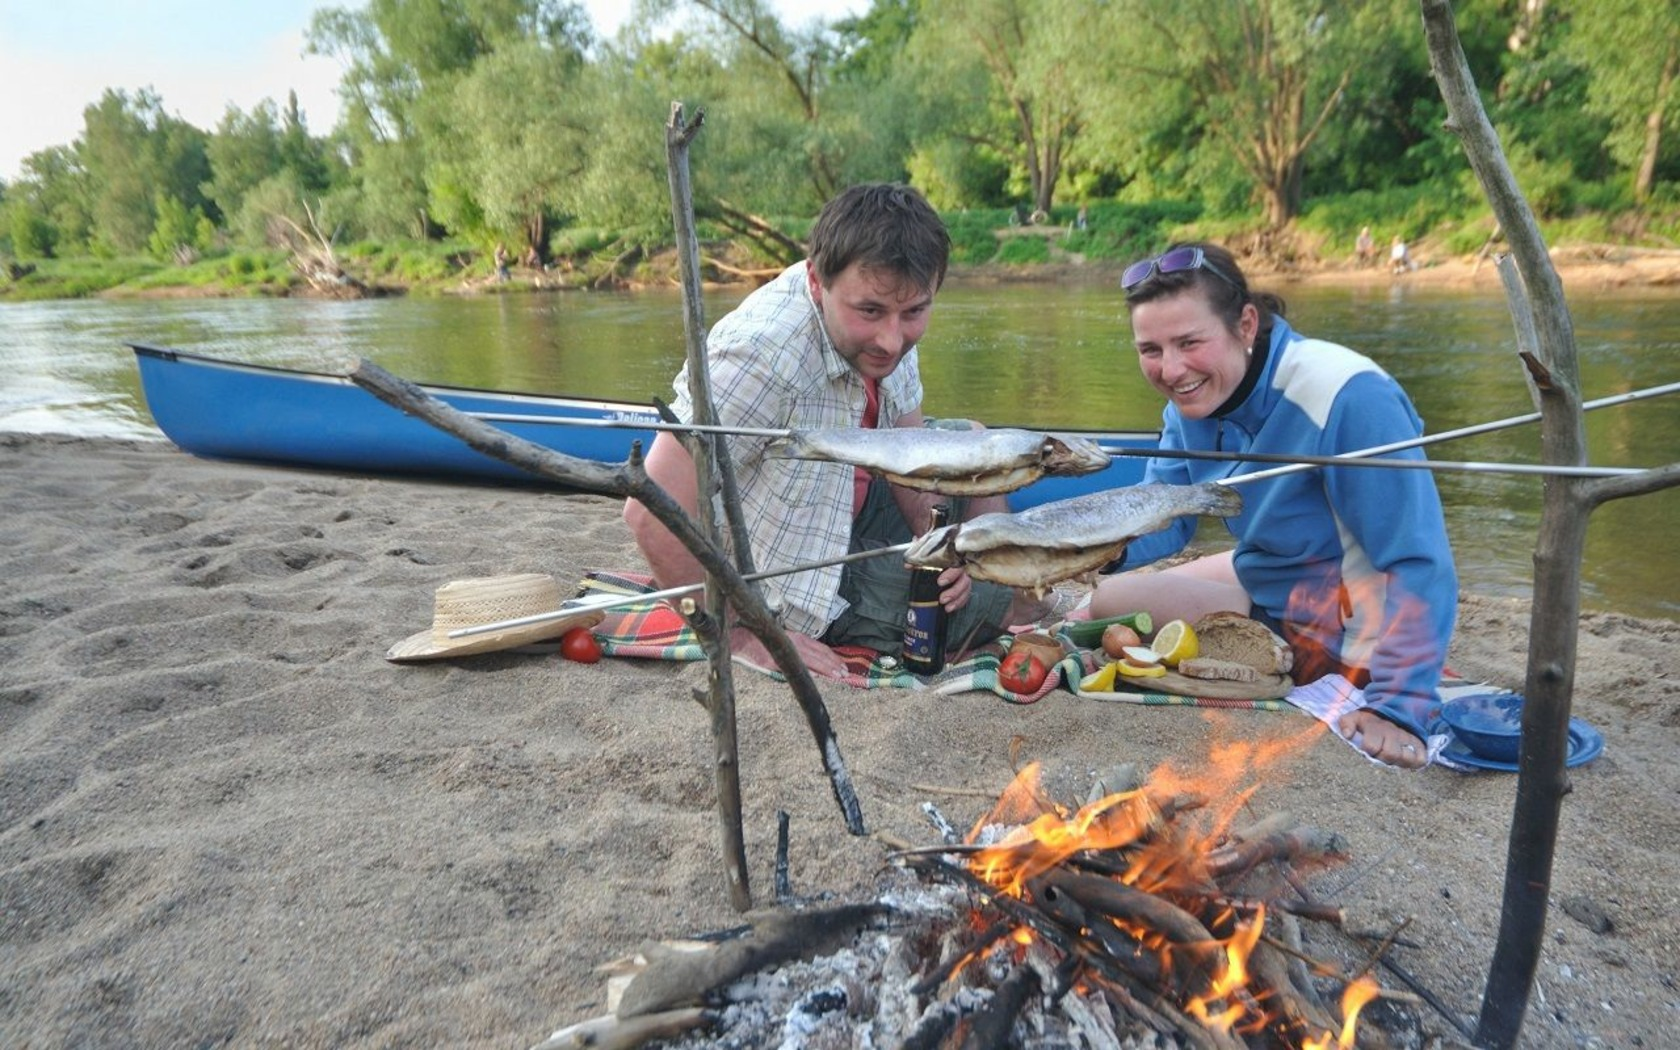 Fisch grillen am Lagerfeuer - Tourismusverband Niederlausitz; Foto_Nada Quenzel